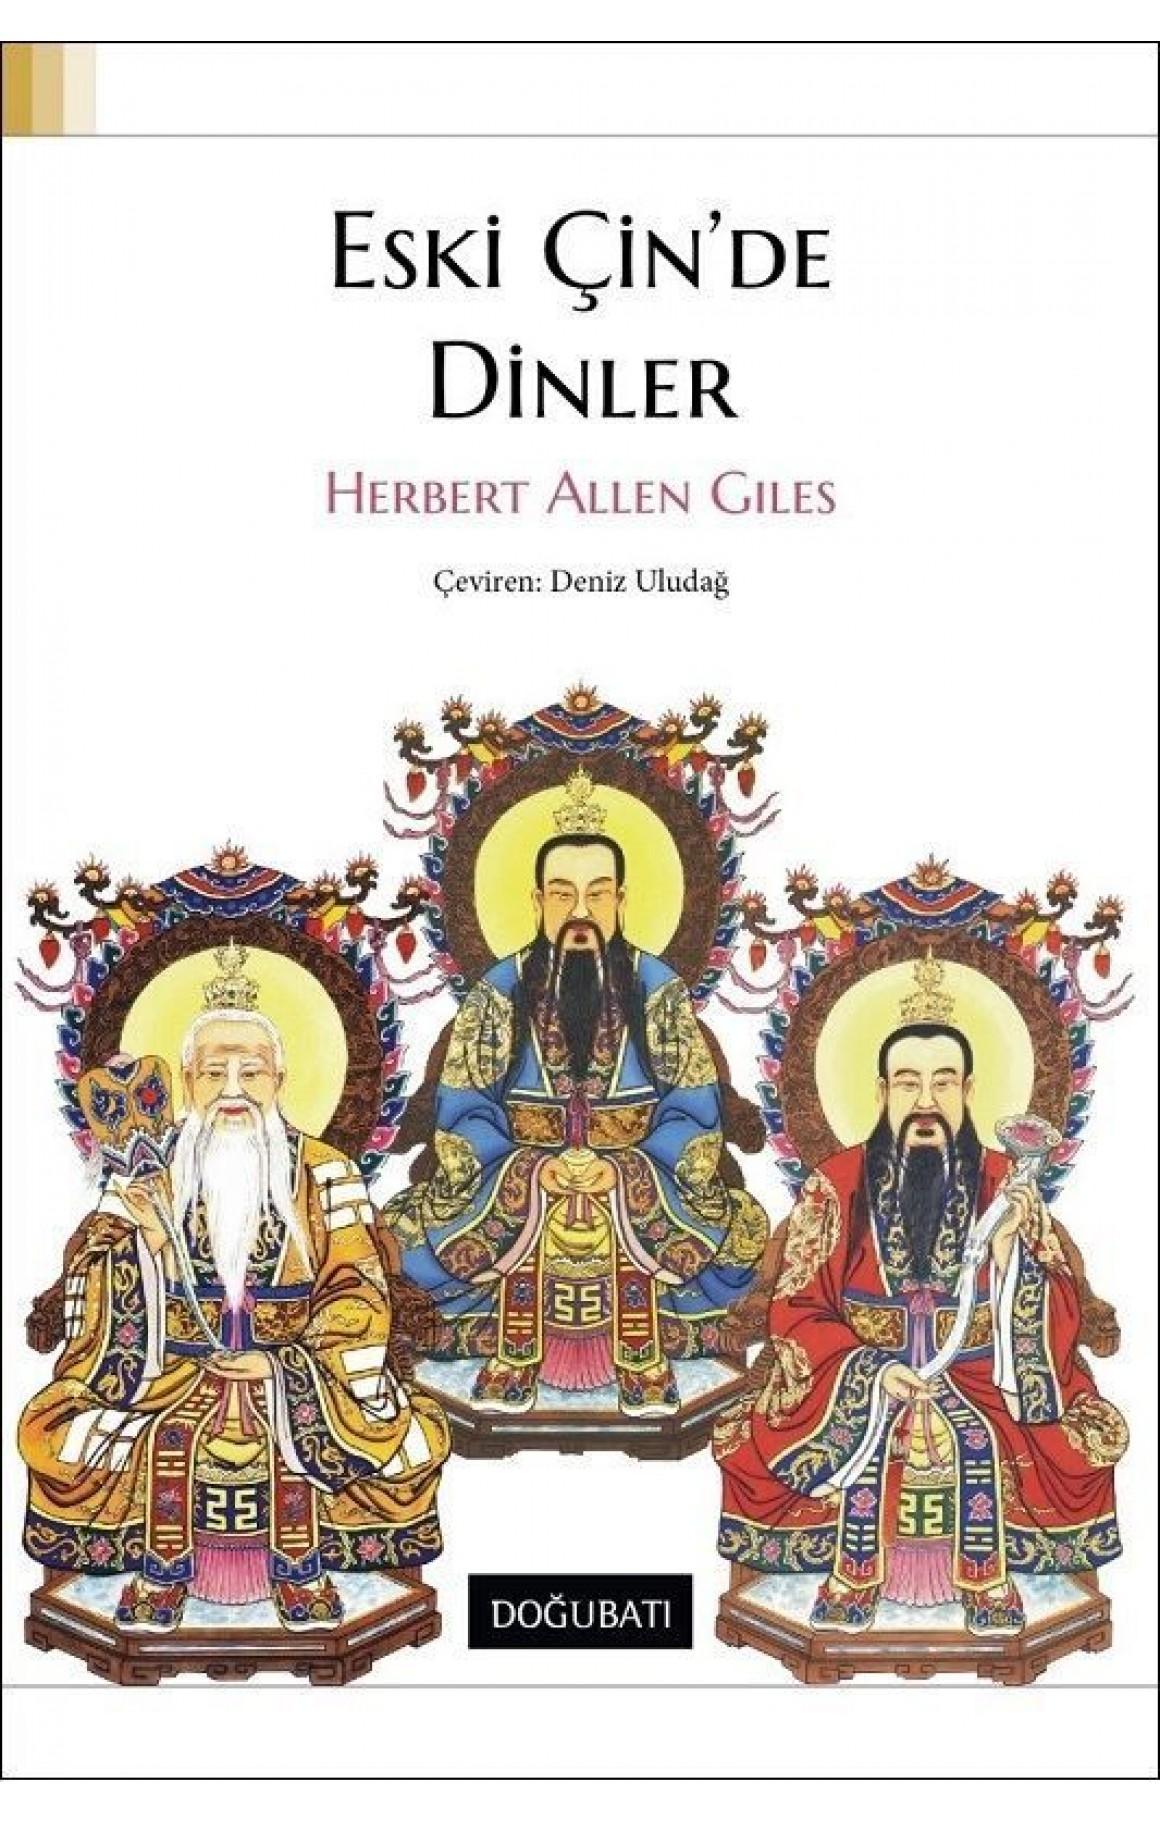 Eski Çinde Dinler